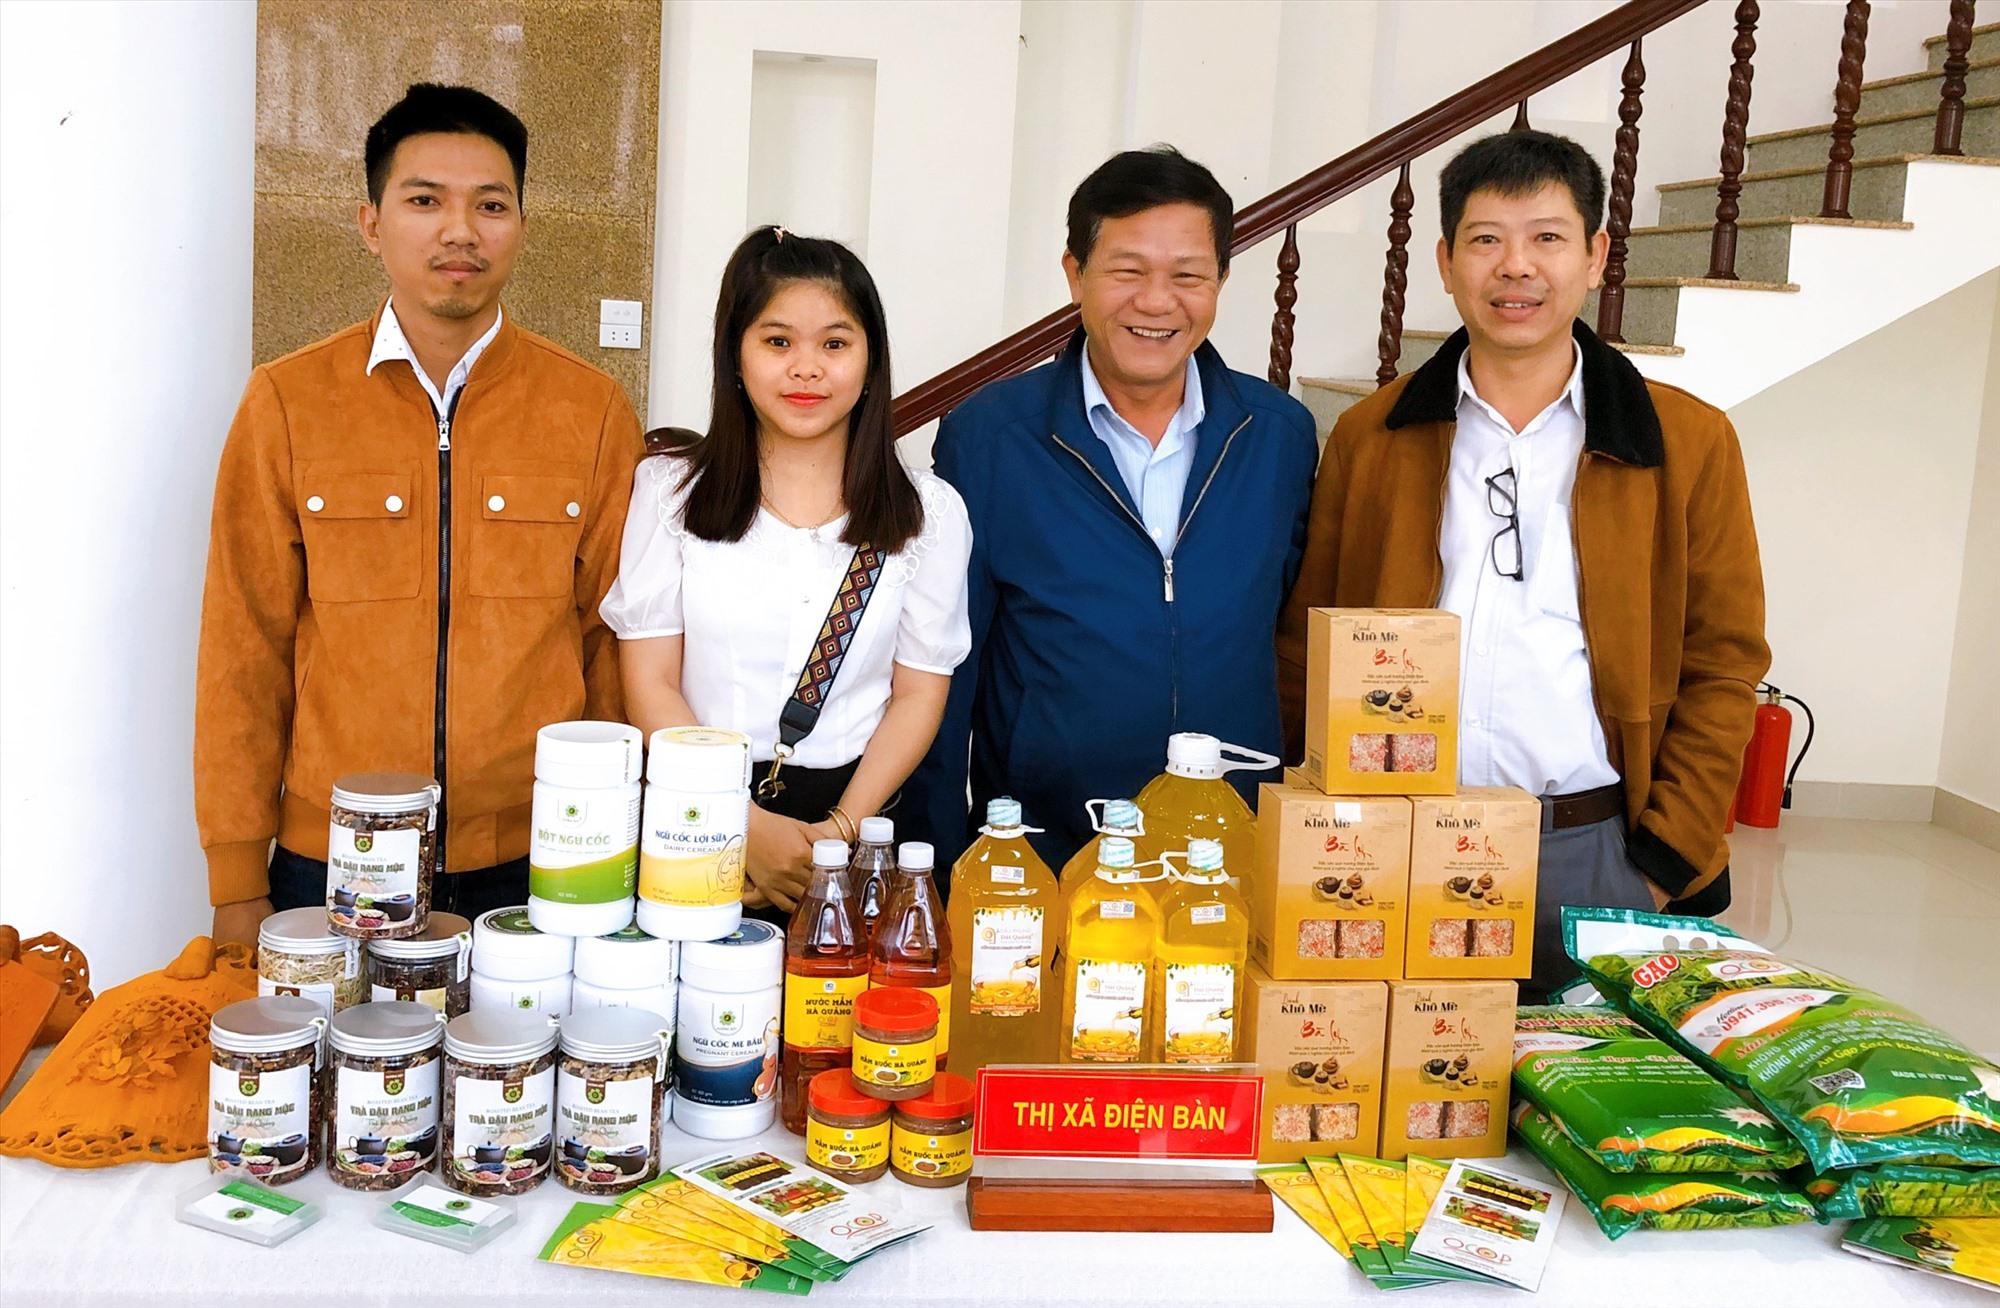 Các sản phẩm của cơ sở sản xuất sản phẩm xanh Hương Bột. Ảnh: PL